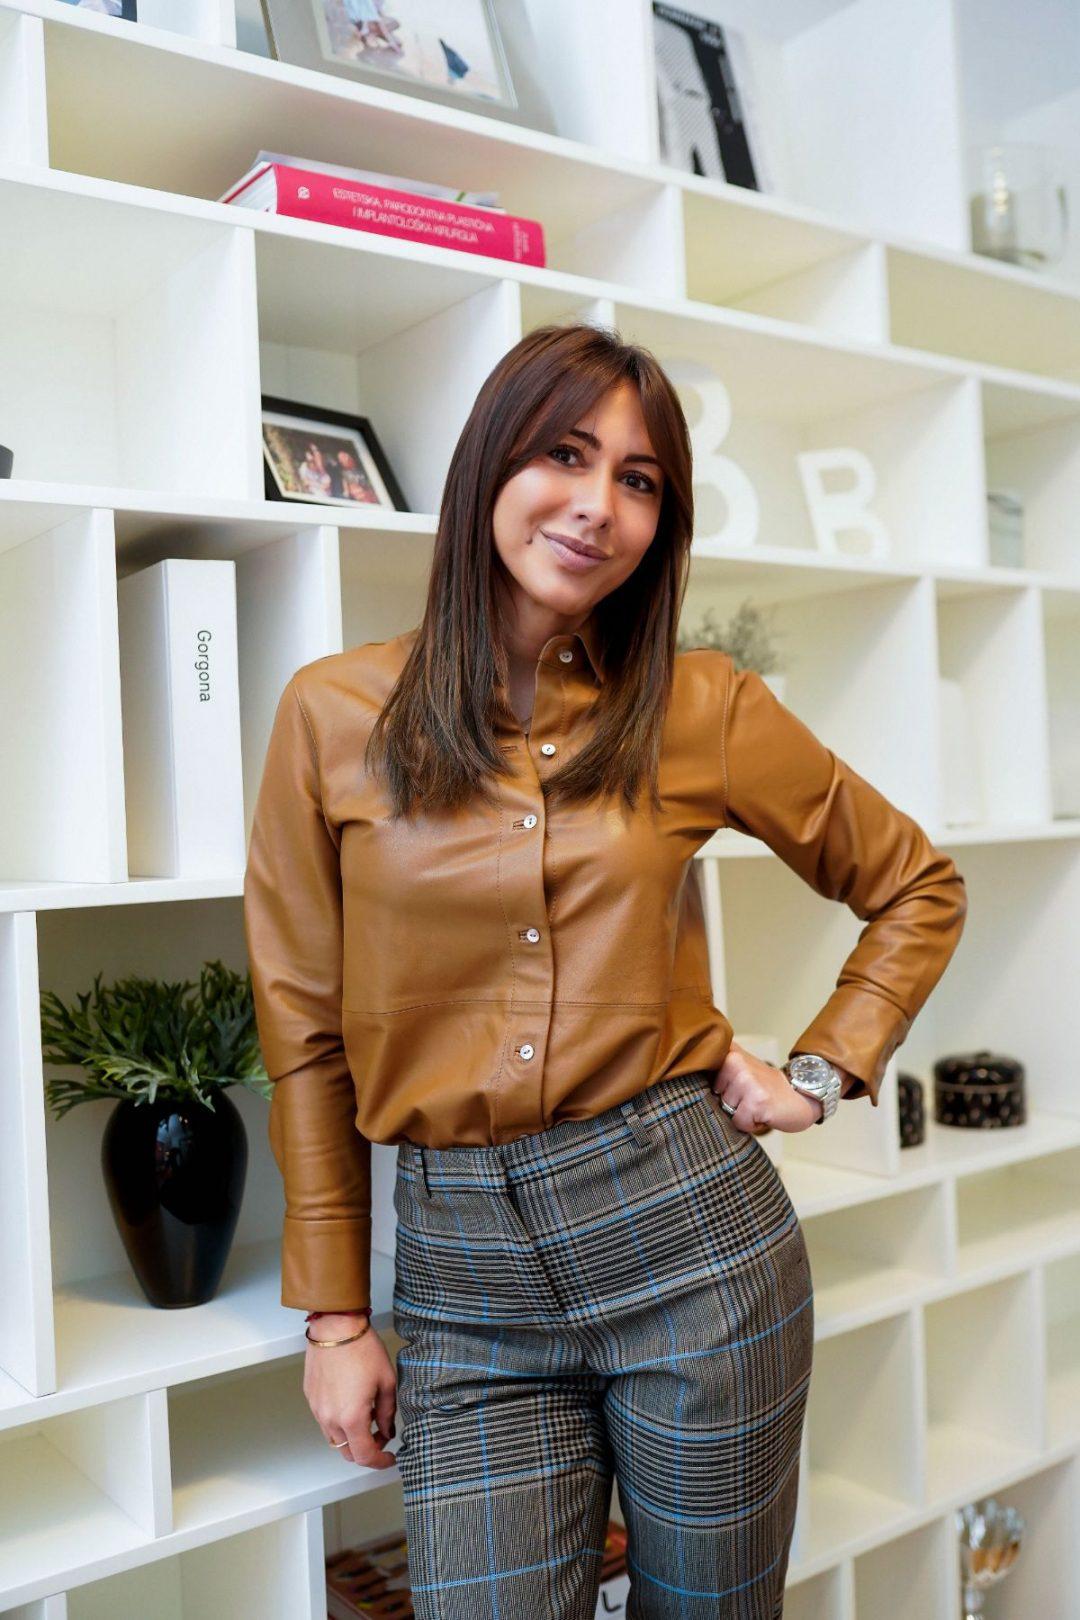 Jedan dan na poslu, Tamara Žaja Miličić